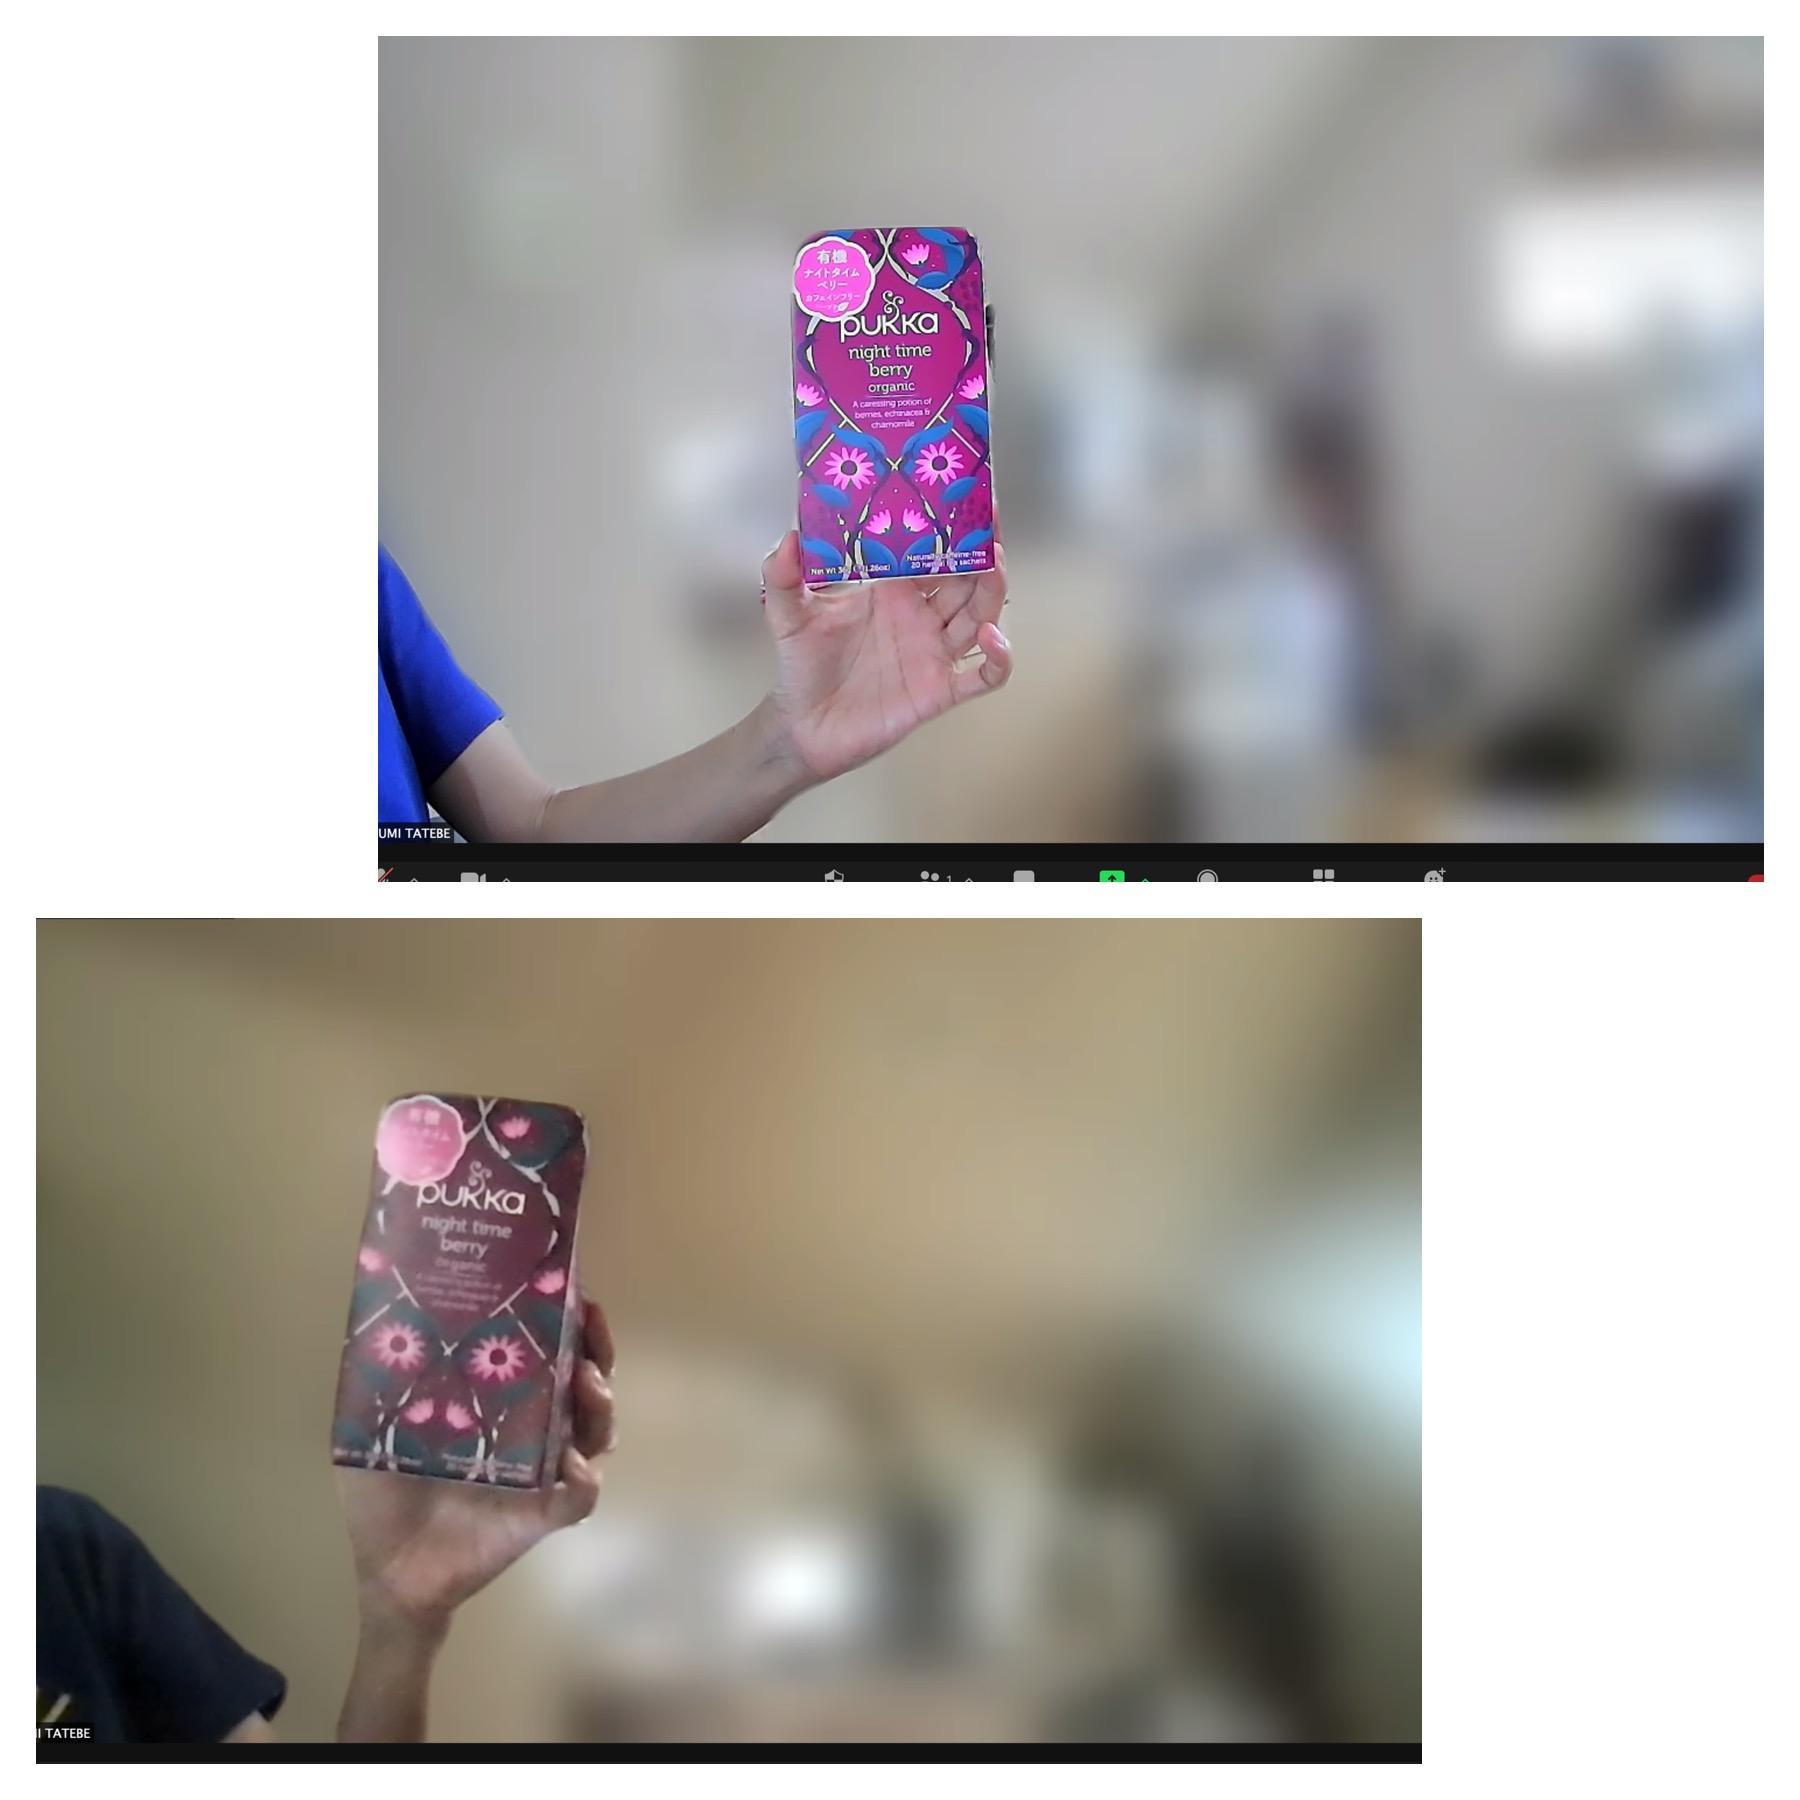 ウェブカメラとMACのカメラの比較